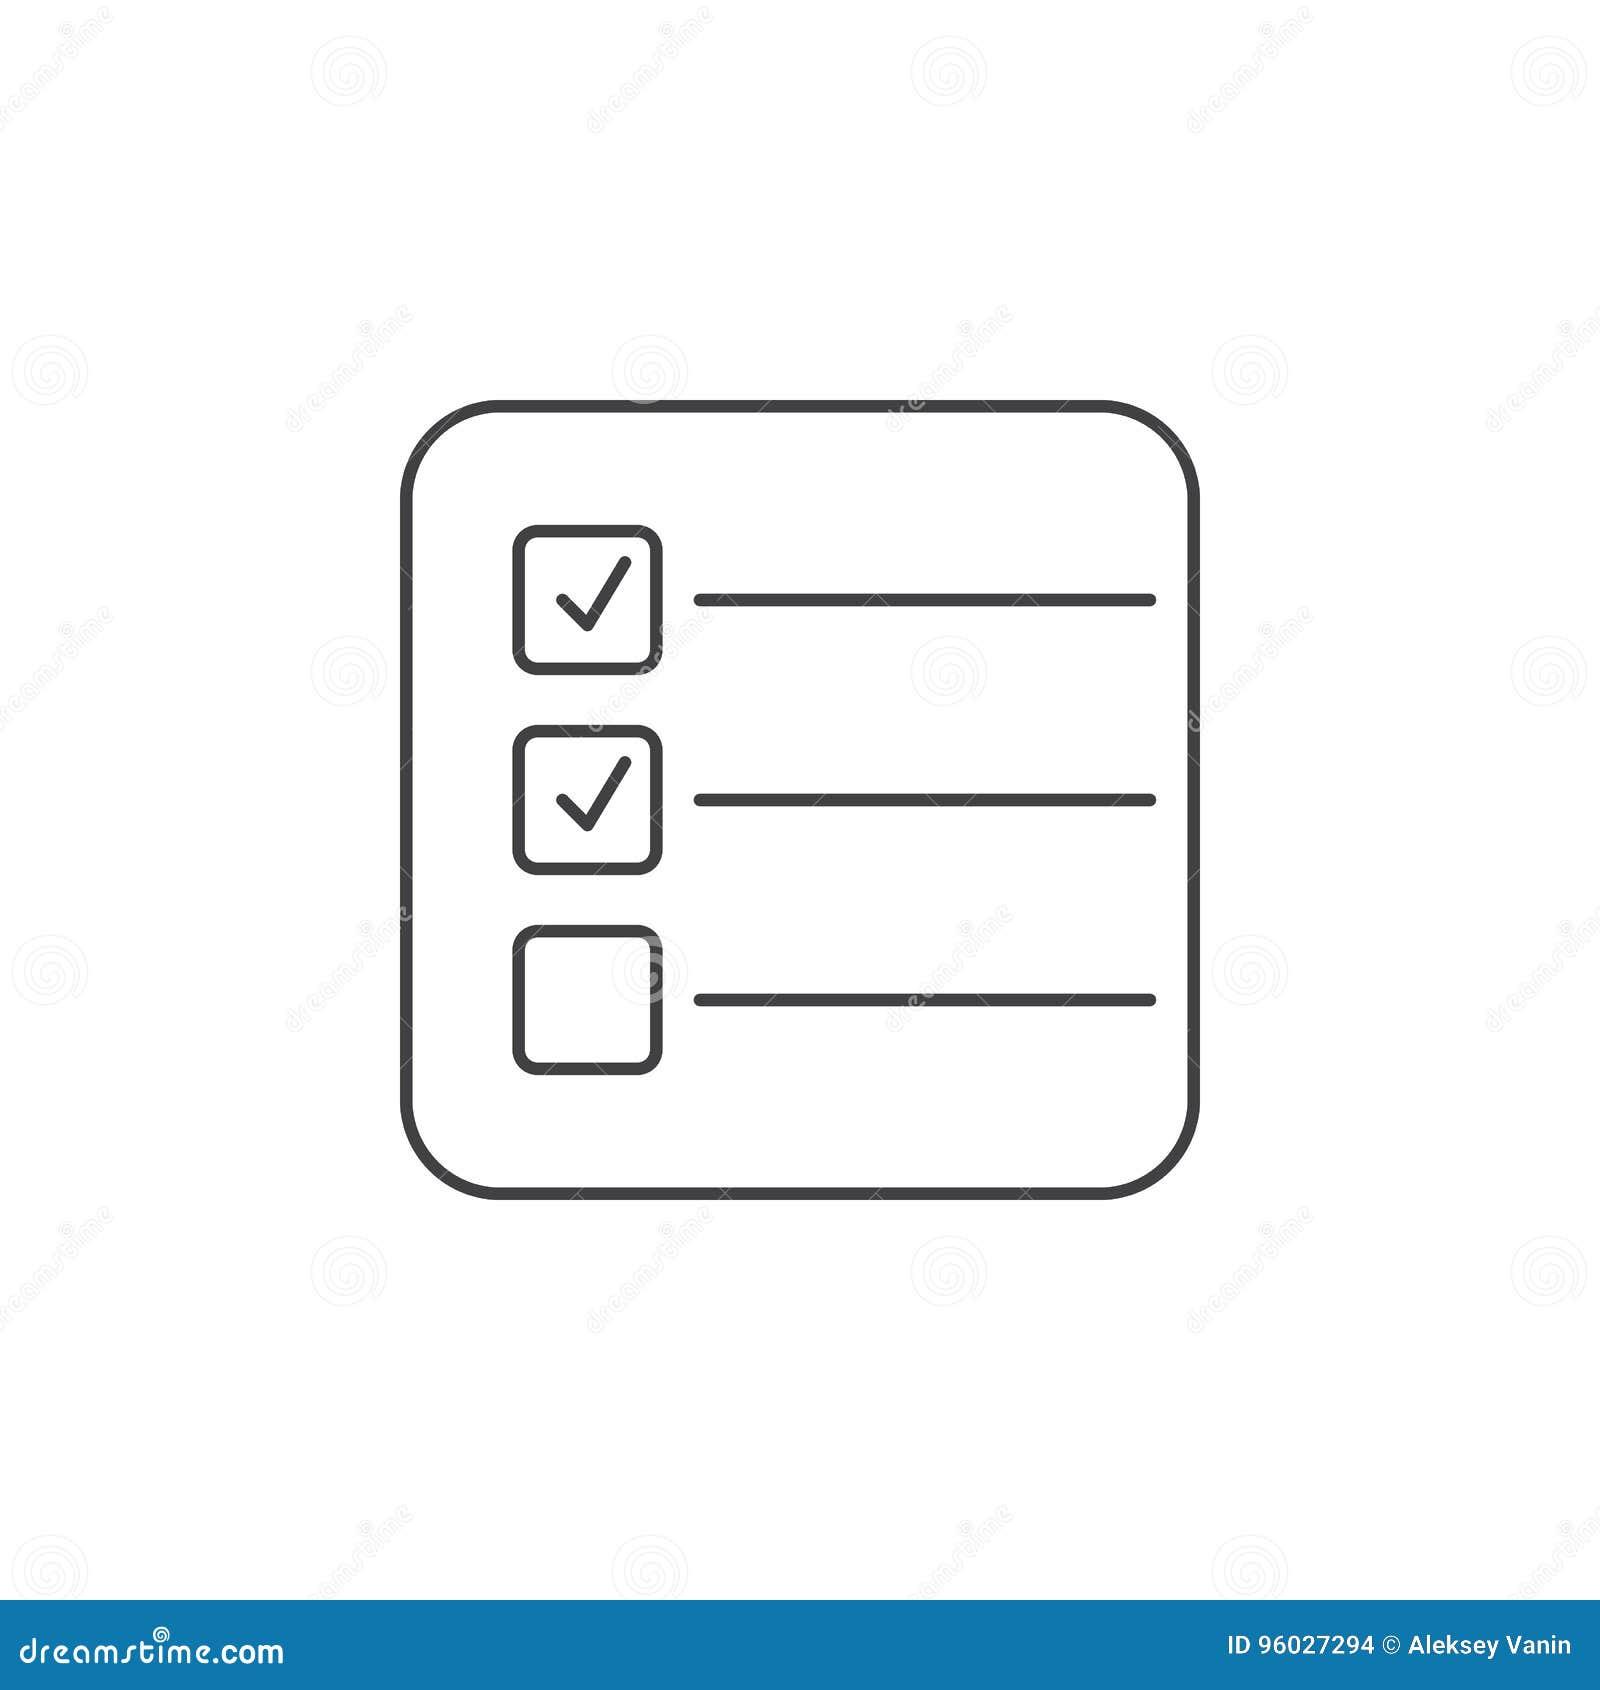 Formy cienka kreskowa ikona, próbnego konturu loga wektorowa ilustracja, chec